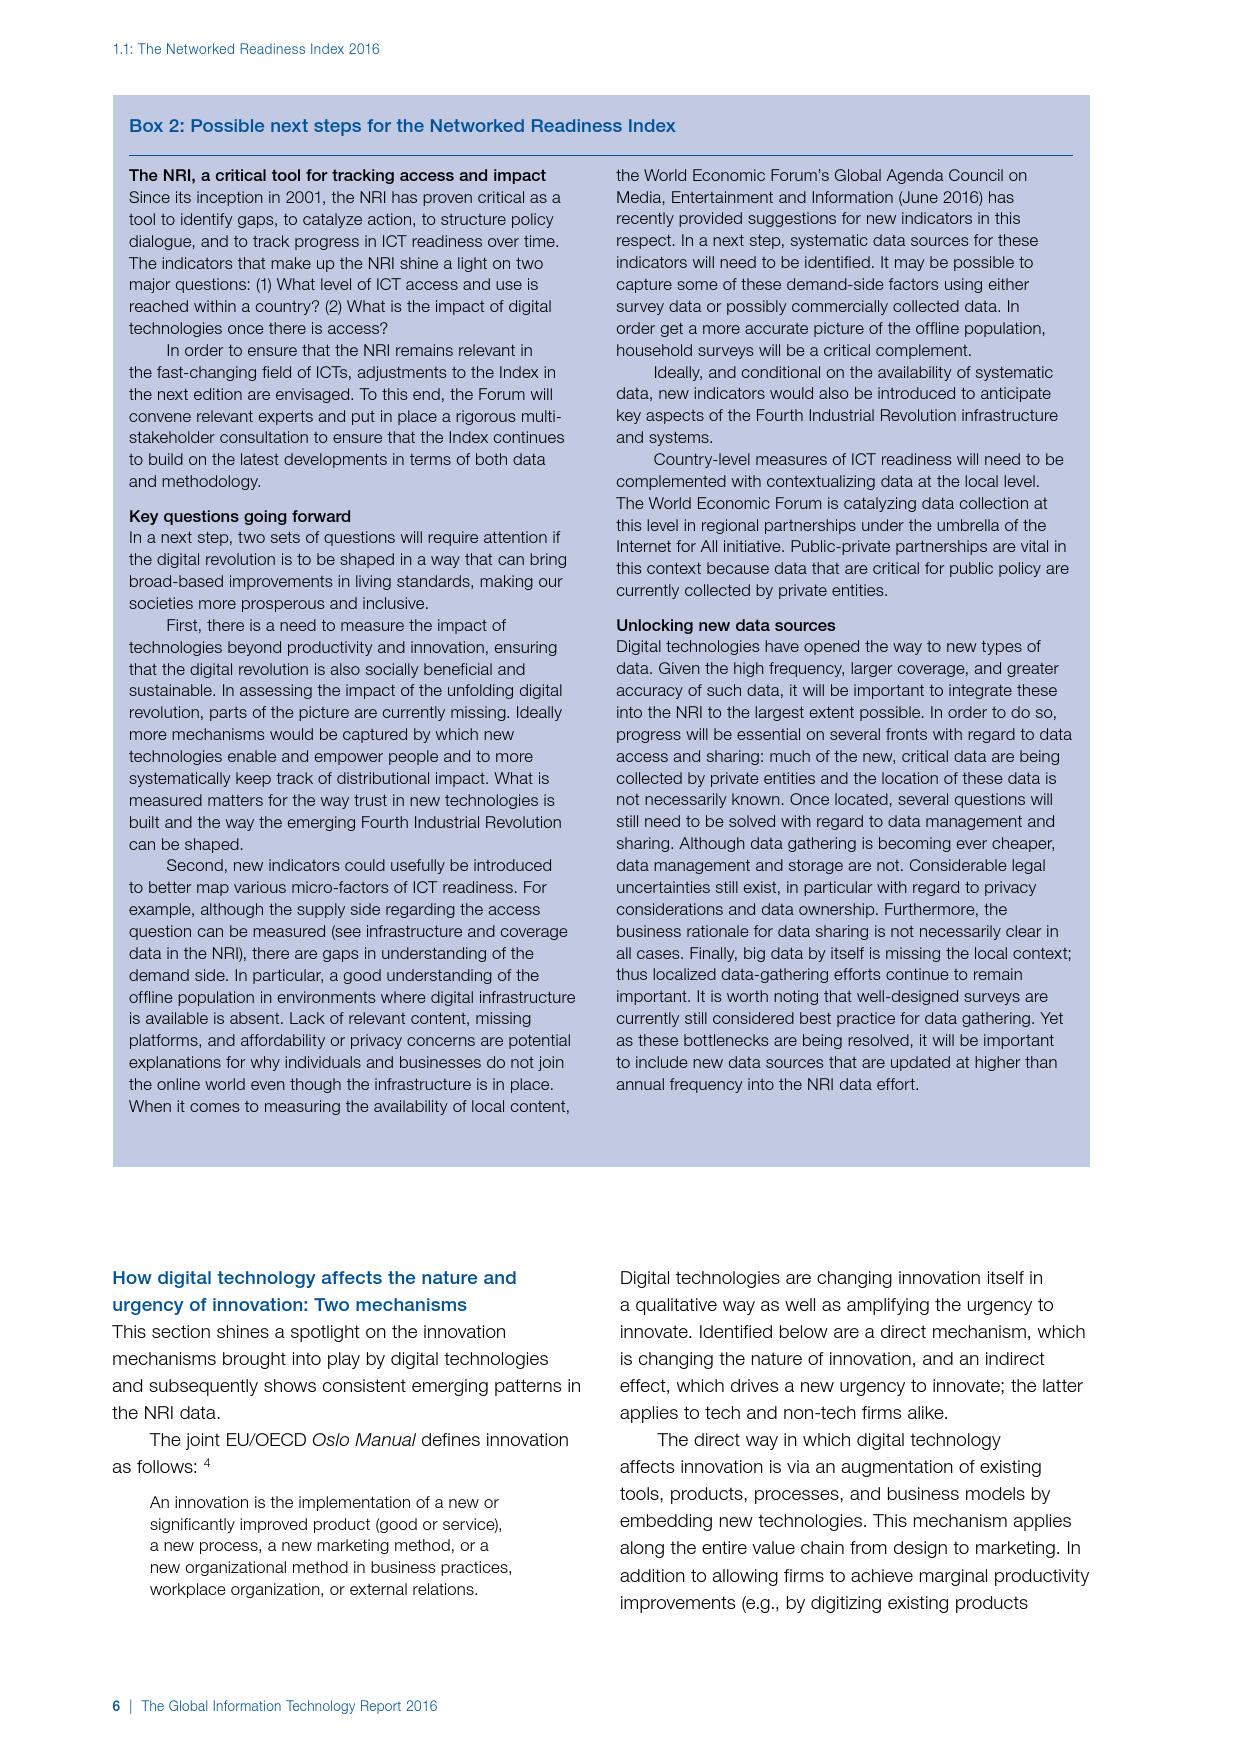 2016 年全球信息技术报告_000021